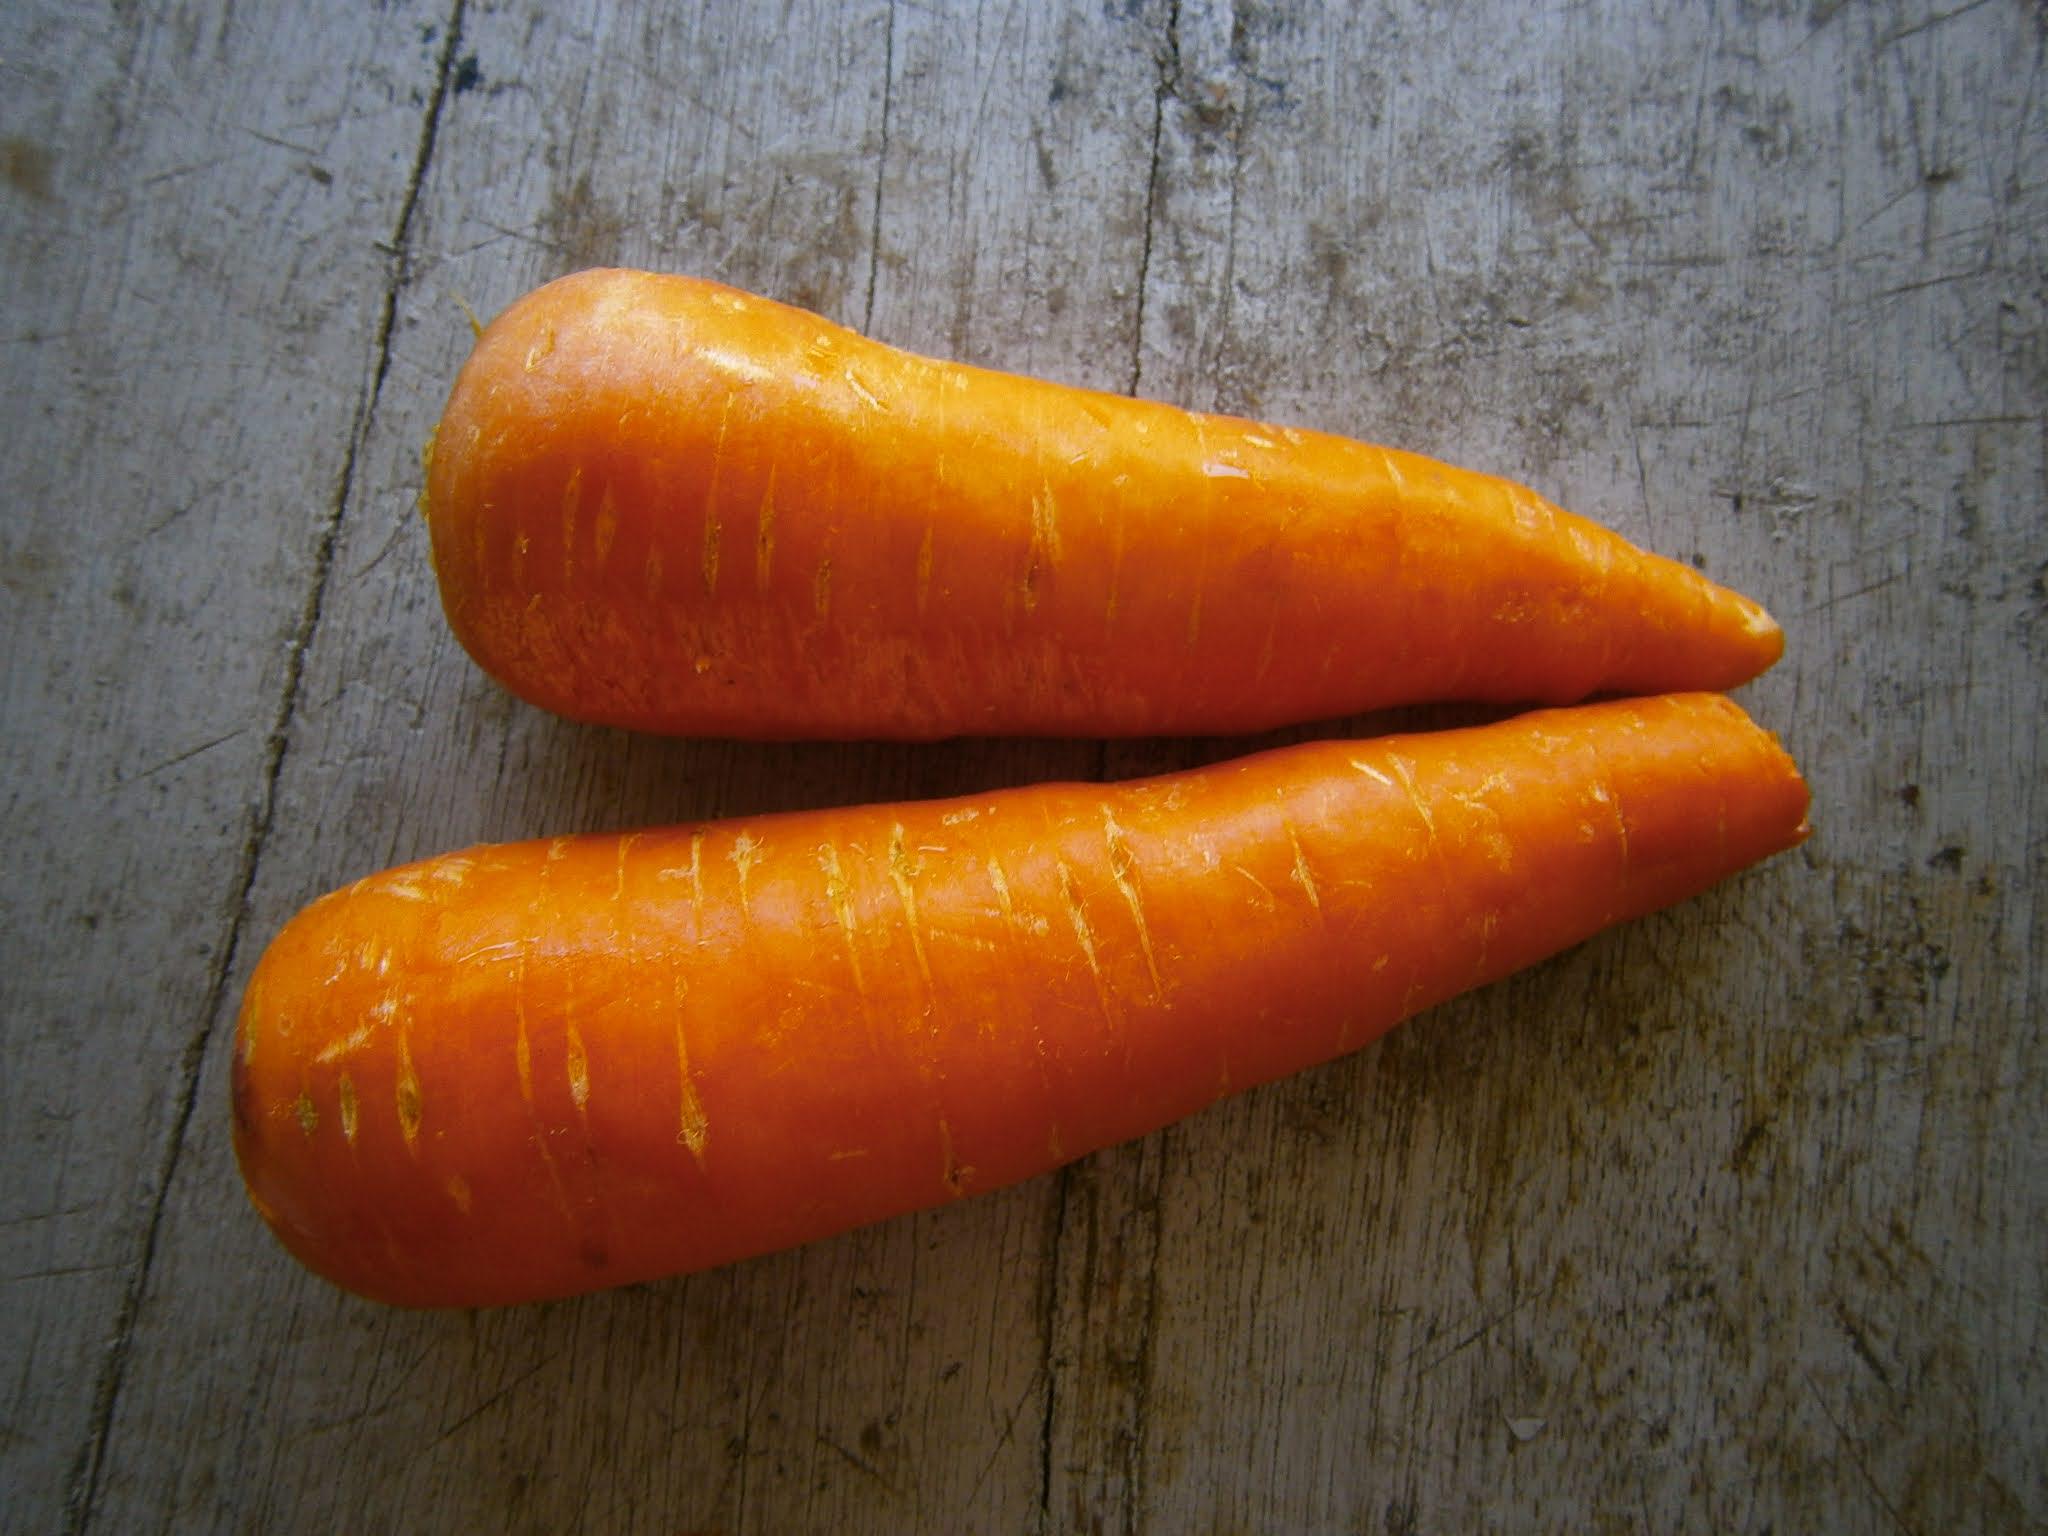 Zanahorias frescas puestas sobre una mesa de madera